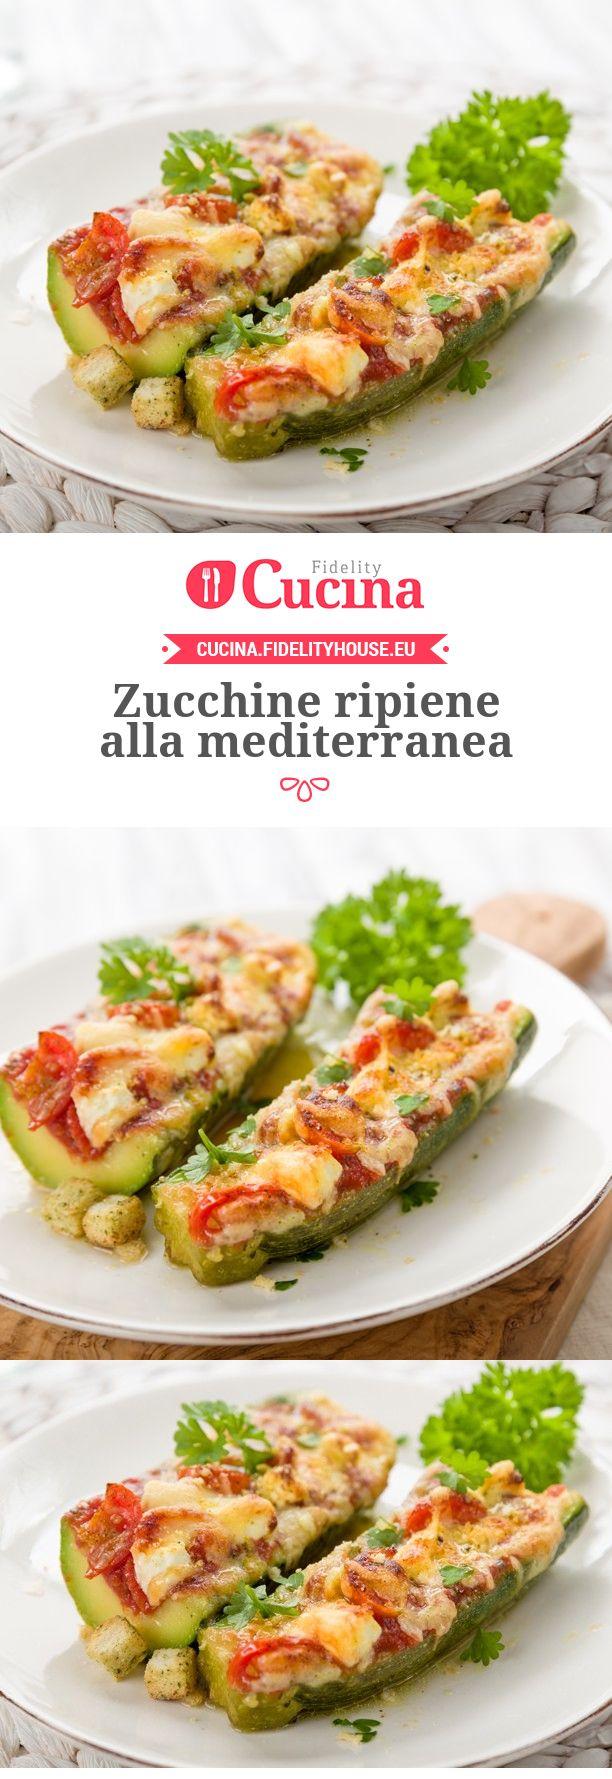 #Zucchine ripiene alla mediterranea